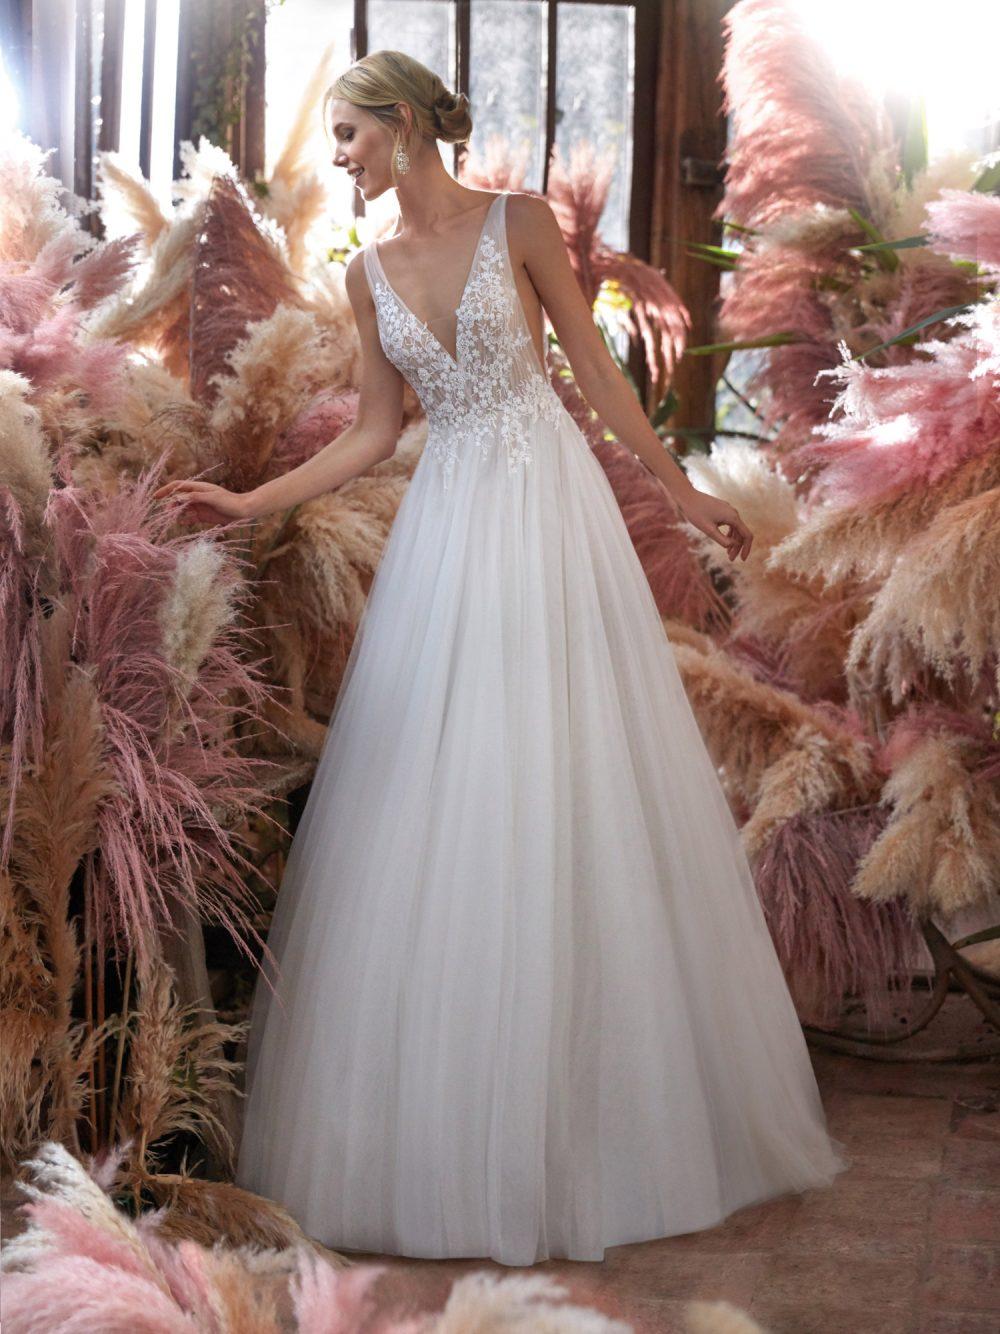 Mariages: abito da sposa Colte 2021 a Vicenza, Verona, Padova, Veneto CO12184